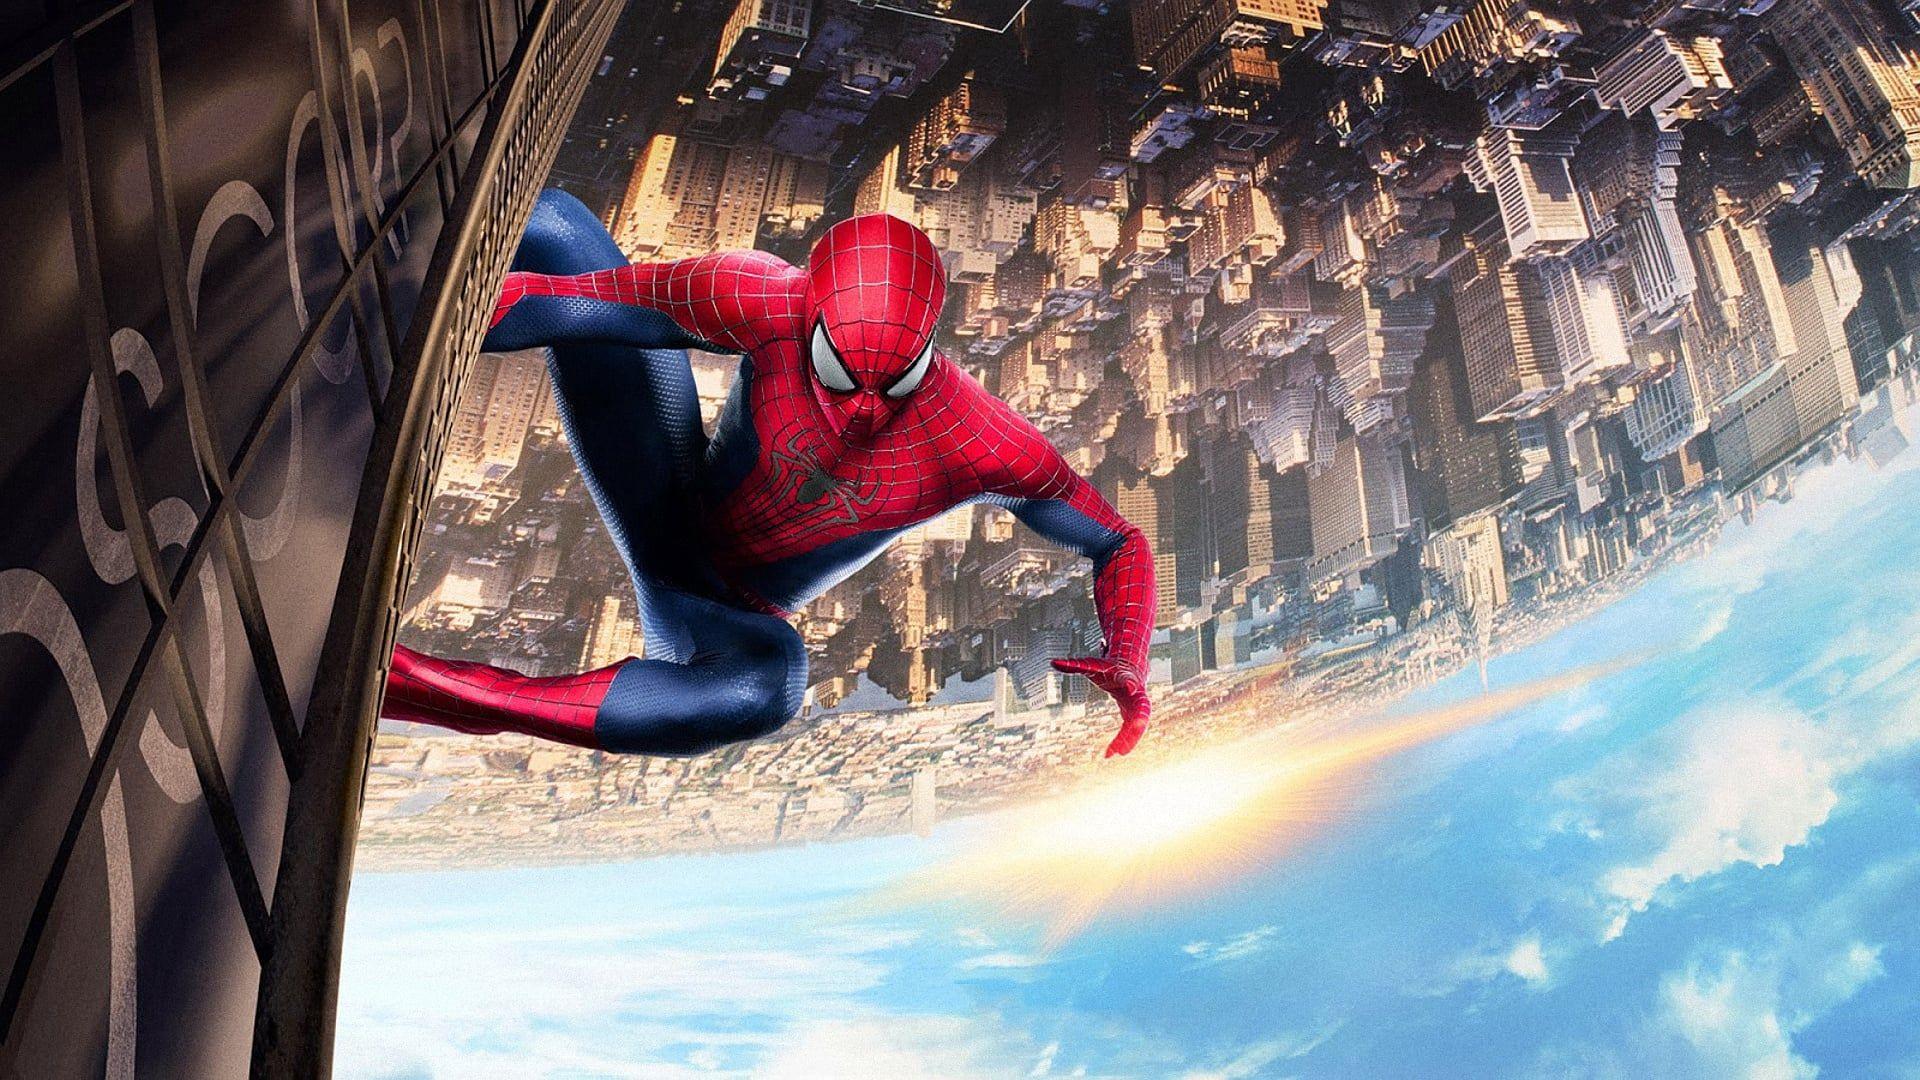 Sehen The Amazing Spider Man 2 Rise Of Electro 2014 Ganzer Film Deutsch Komplett Kino The Amazing Spider Man 2 Rise Of Ganze Filme Peter Parker Filme Deutsch